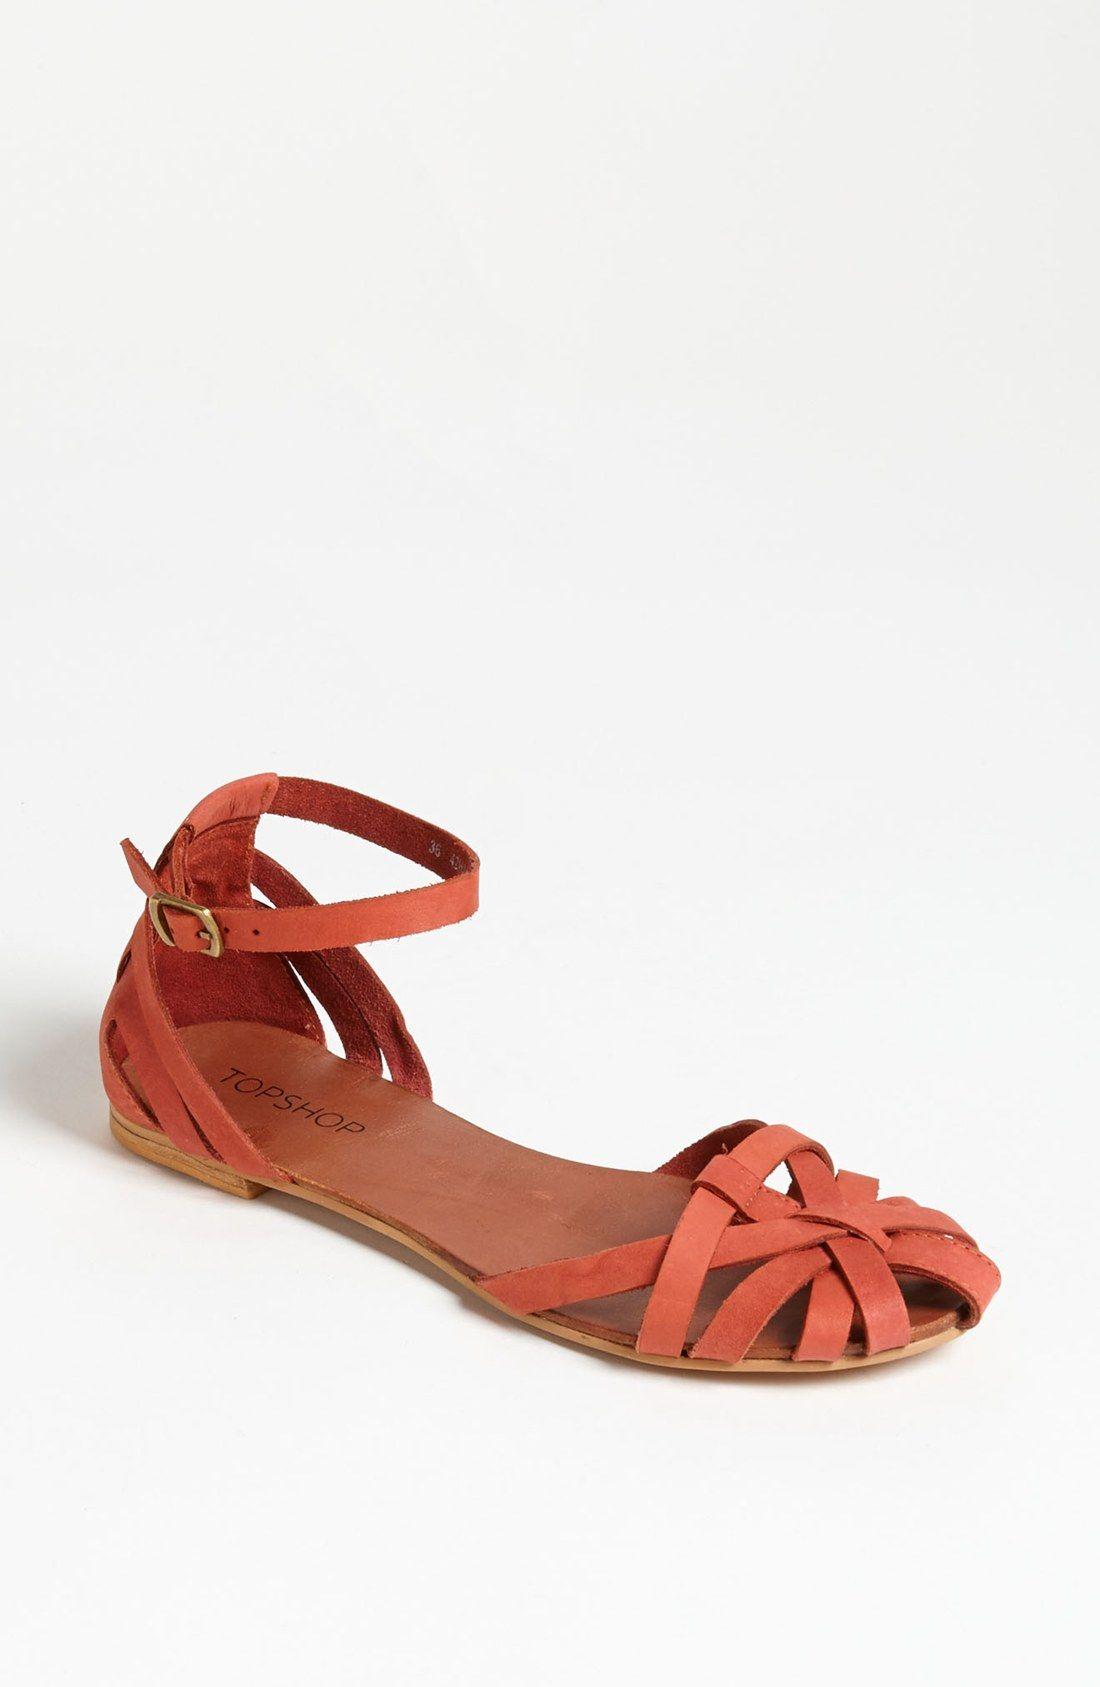 dde3ce1d24f Topshop Happy Cage Toe Sandal in Orange (start of color list coral ...